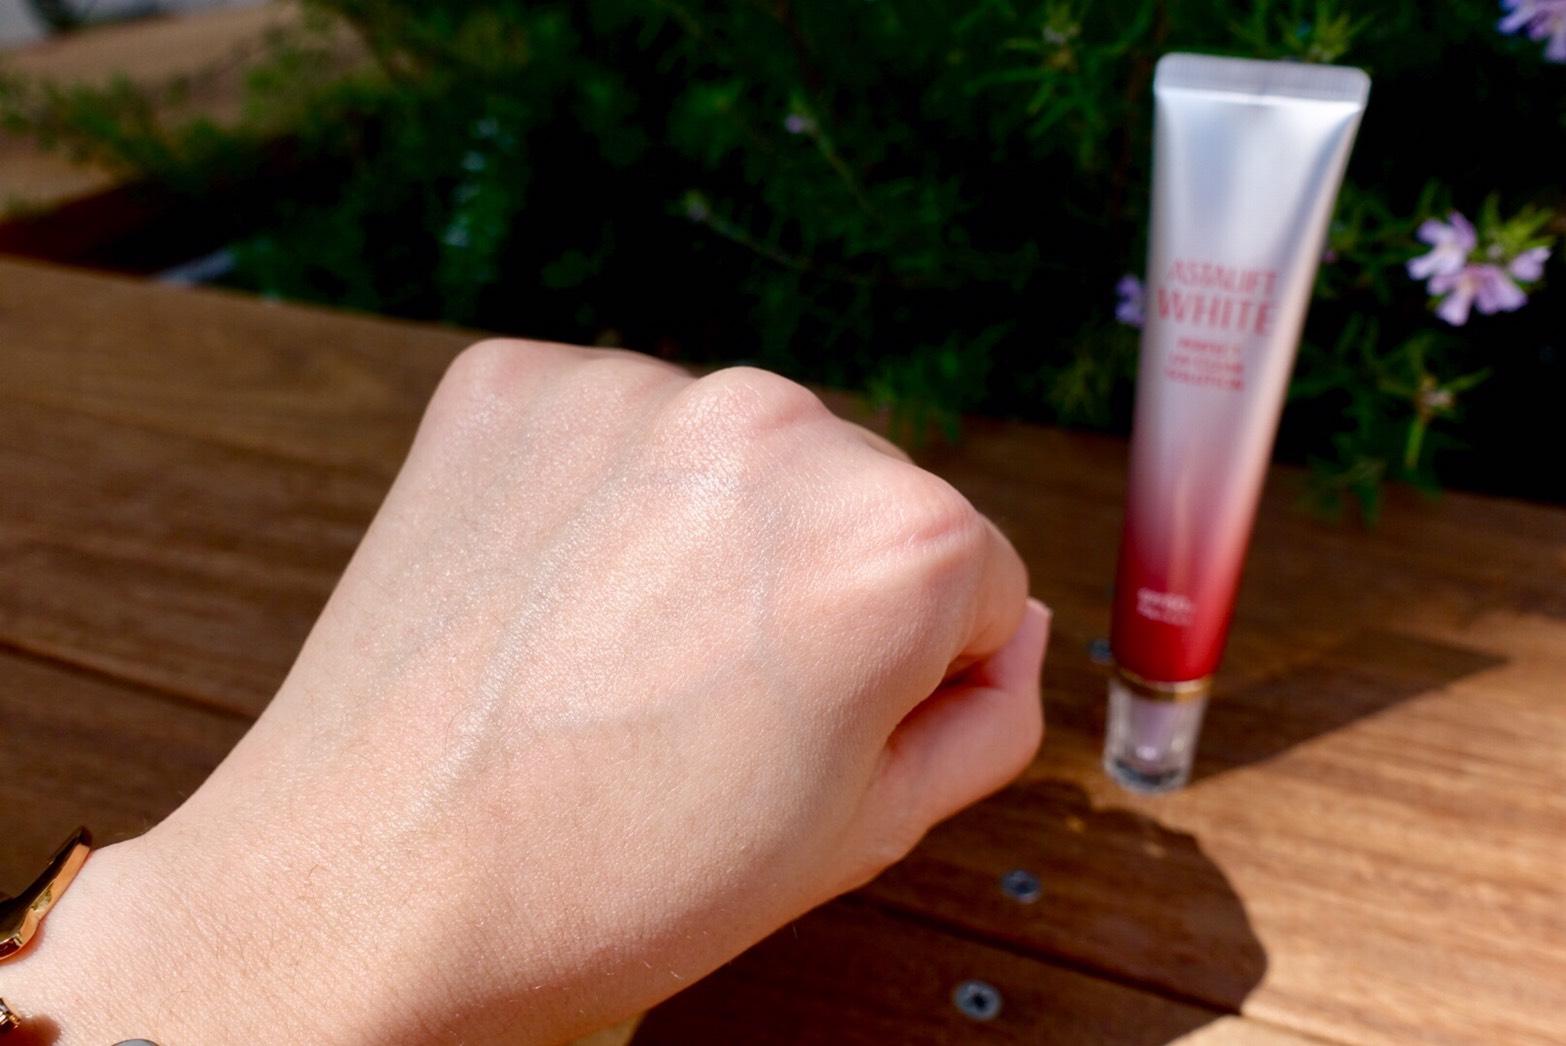 艾詩緹UV白澄完美防曬隔離乳,效果評價